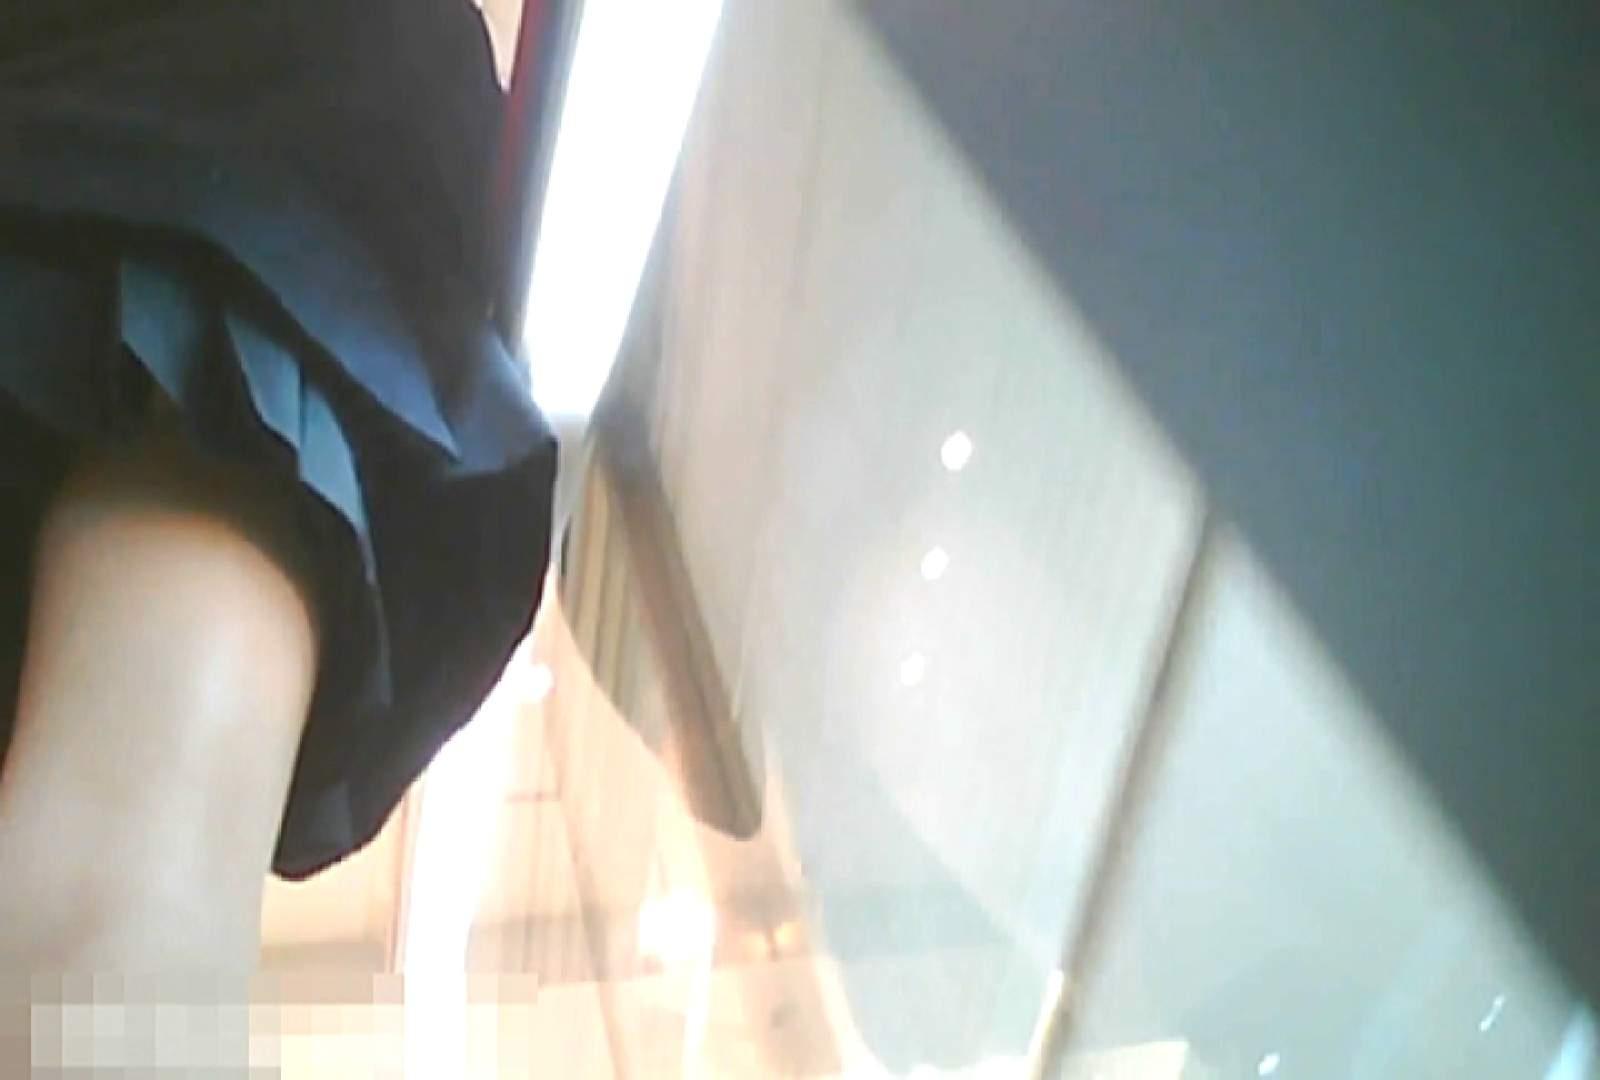 「チキン男」さんの制服ウォッチングVol.7 制服 ワレメ無修正動画無料 88連発 53